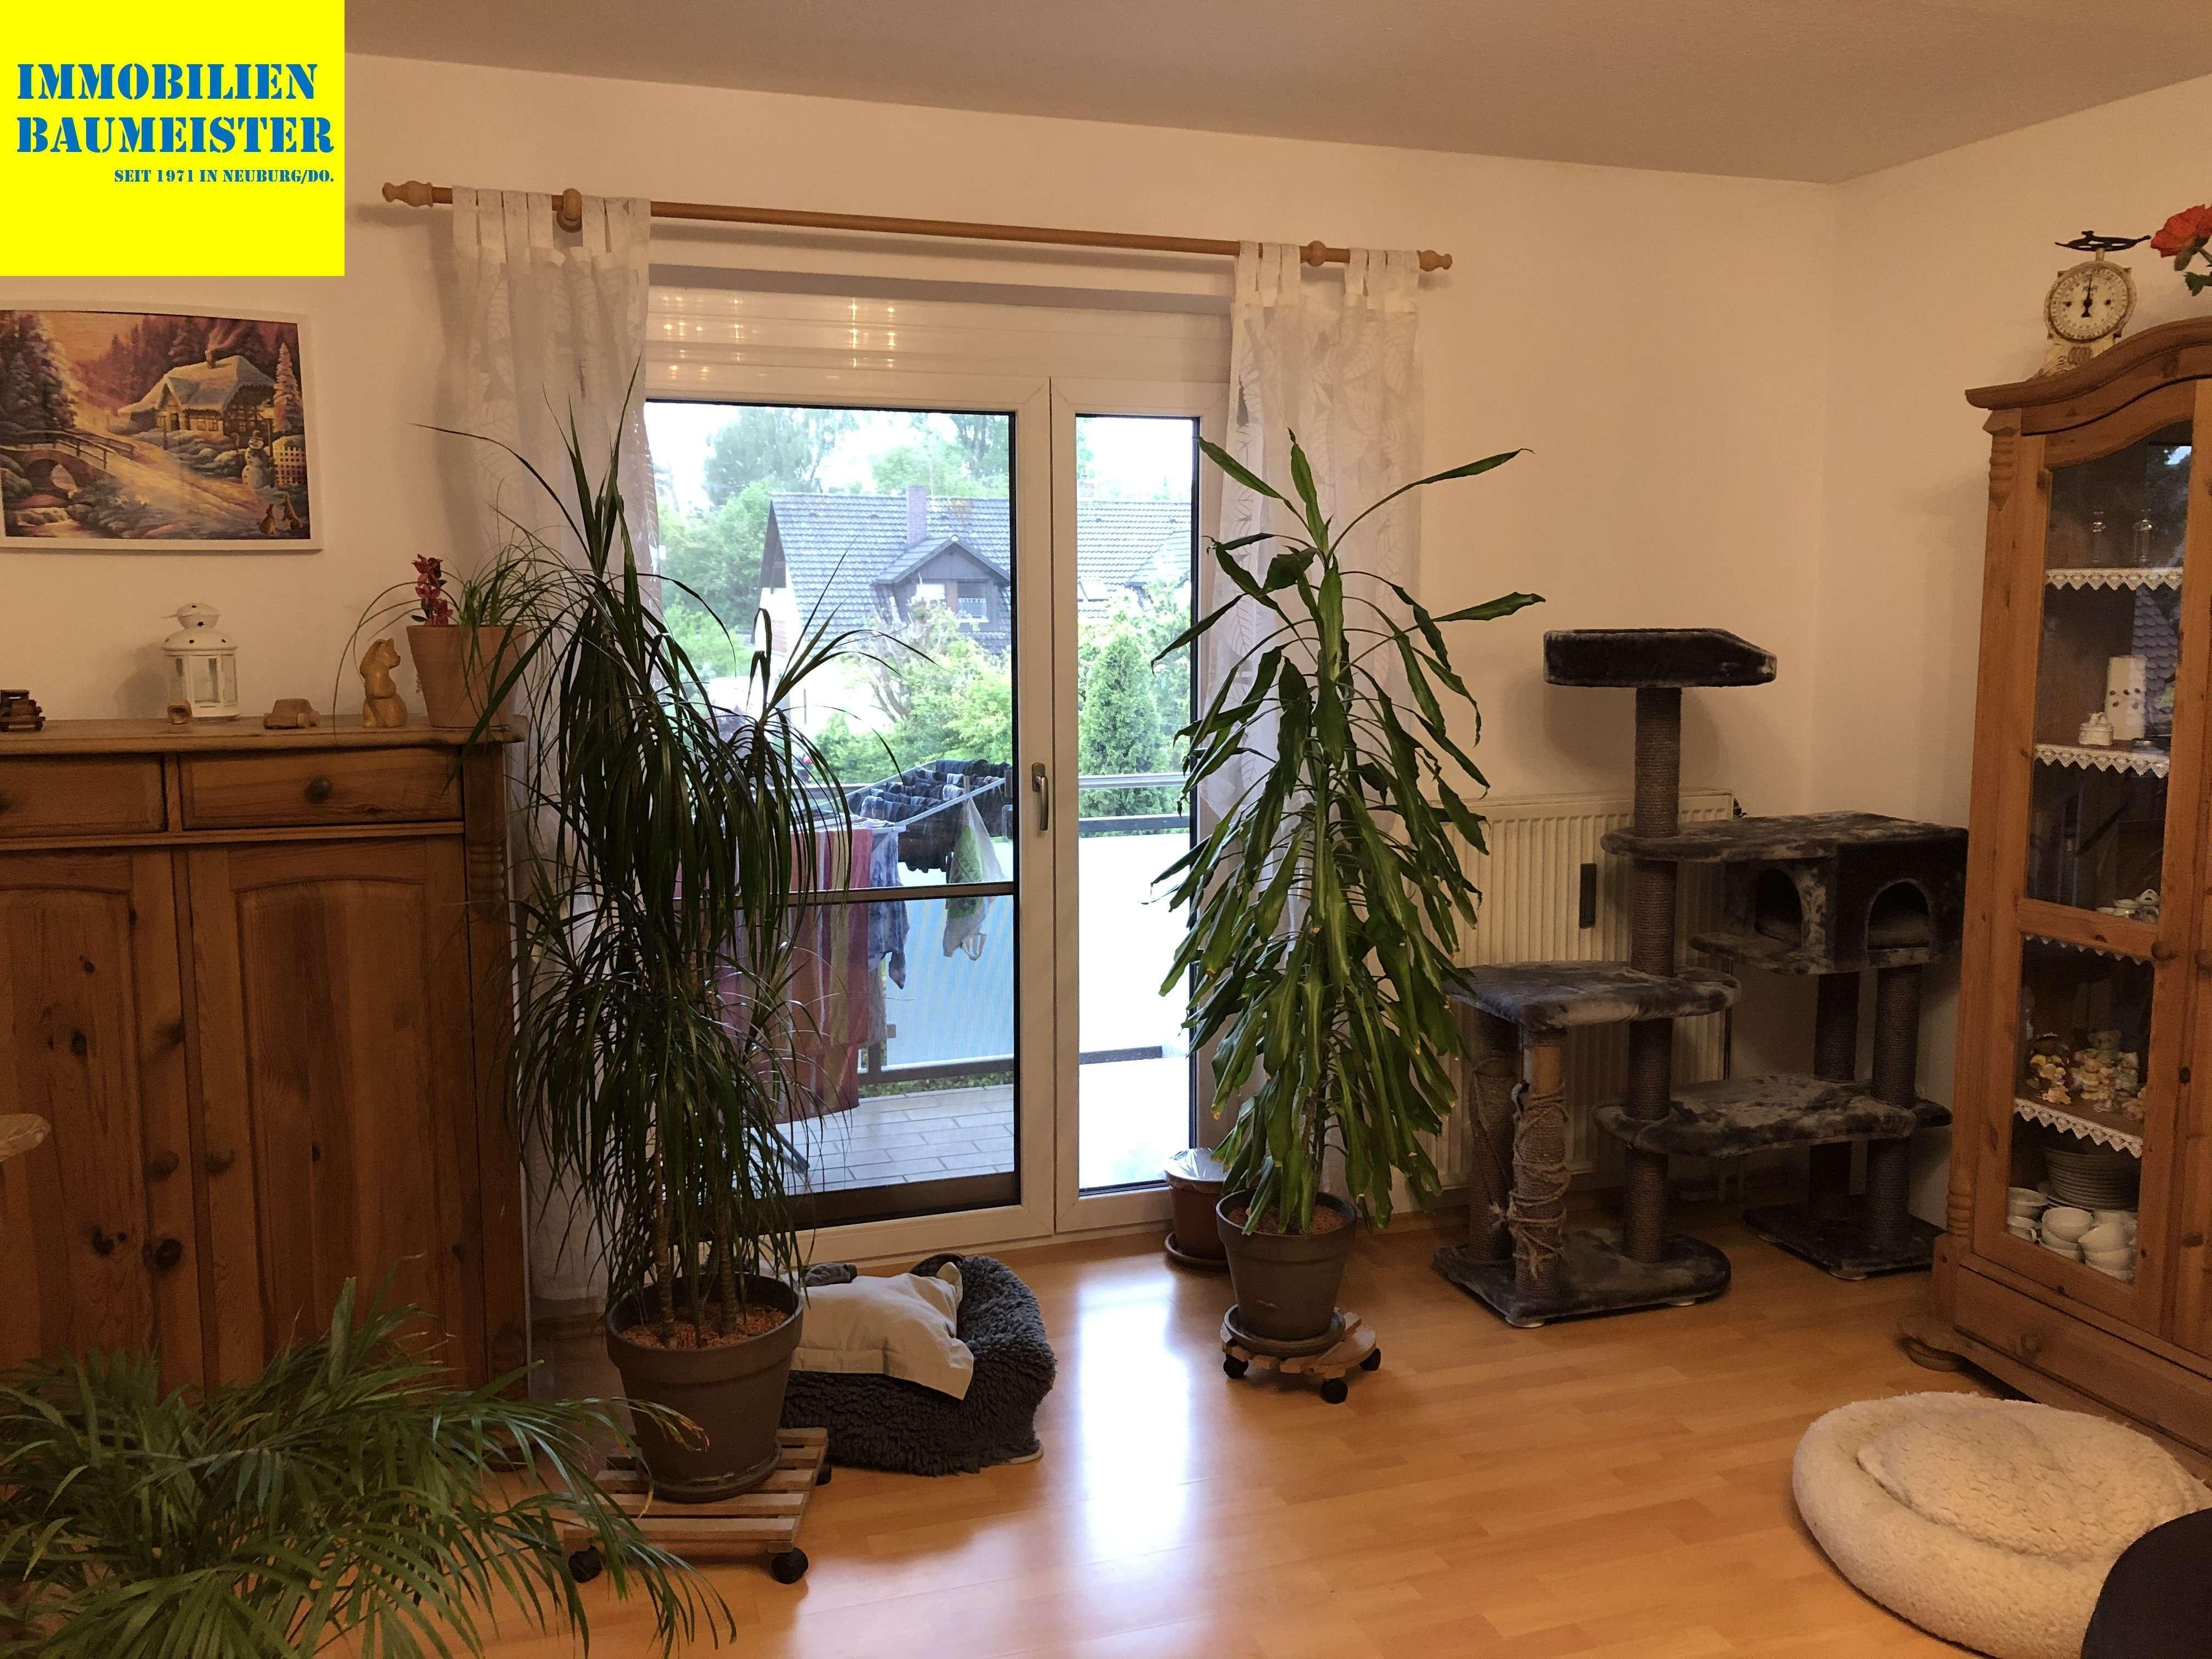 3 Zimmerwohnung in Neuburg-Ostend zu vermieten in